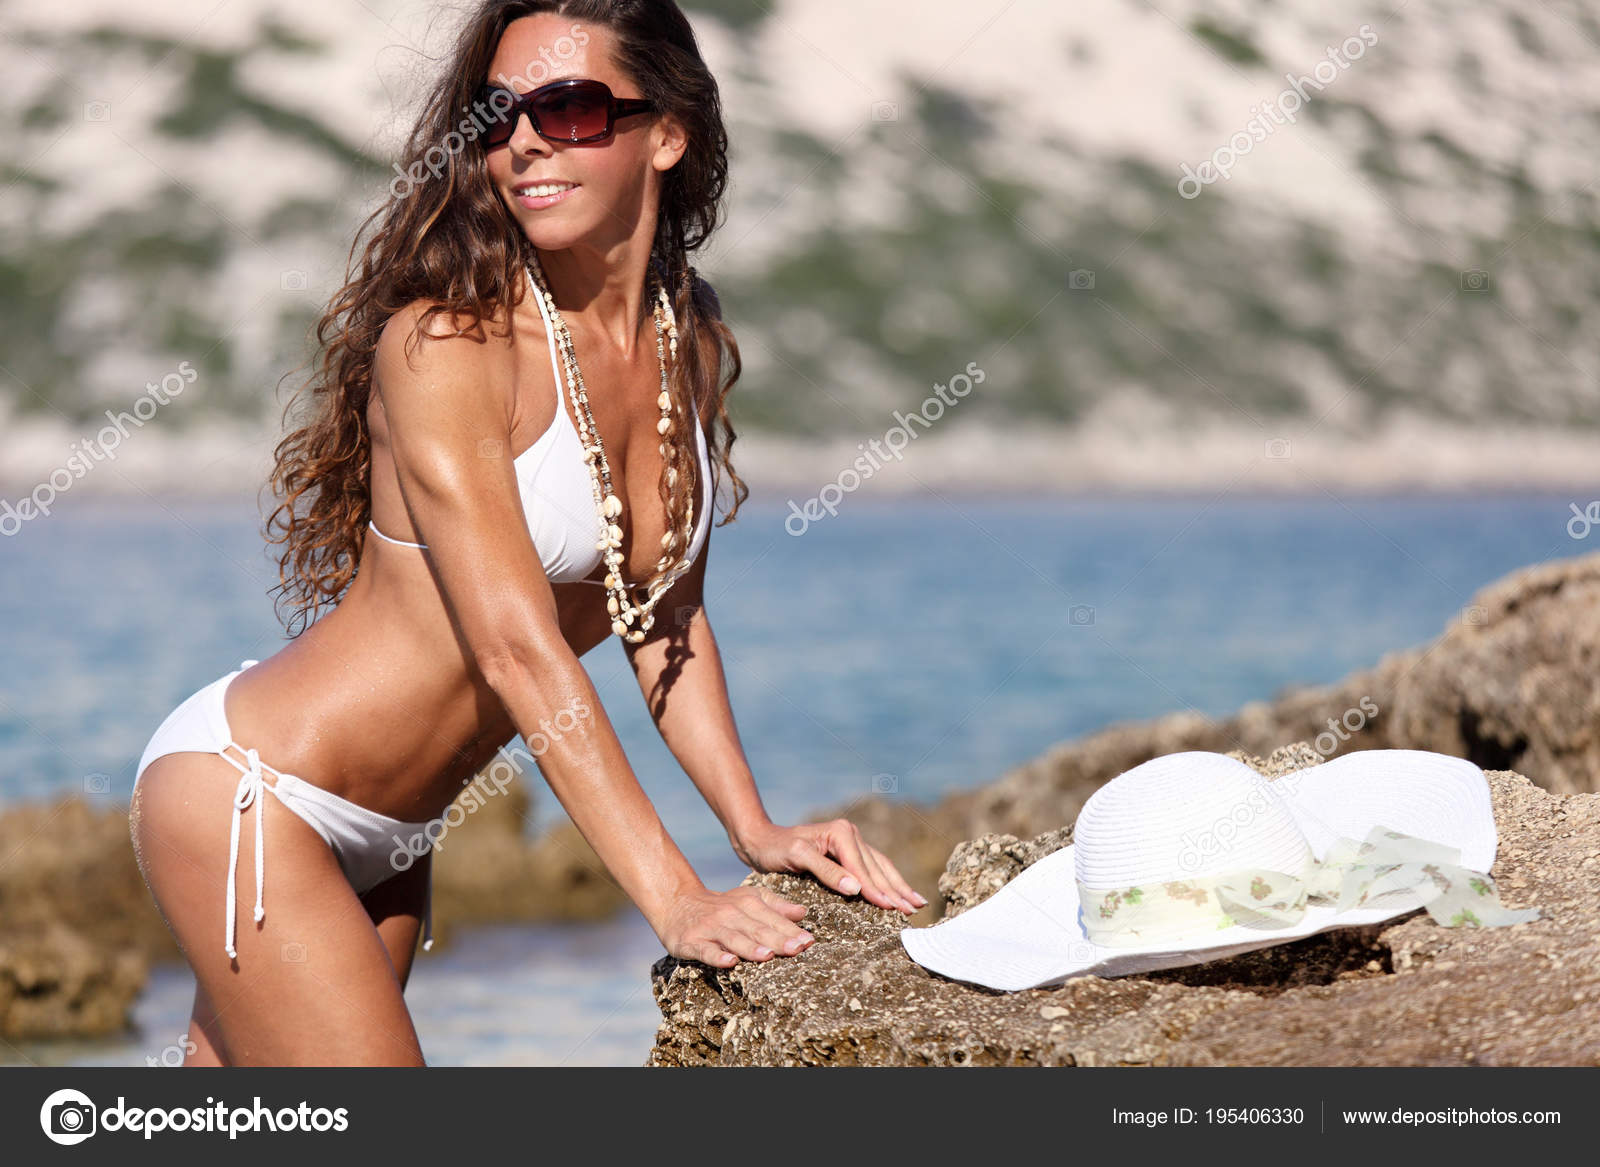 Atractiva Mujer Desnuda Tomando Sol Playa Fotos De Stock Vuk8691